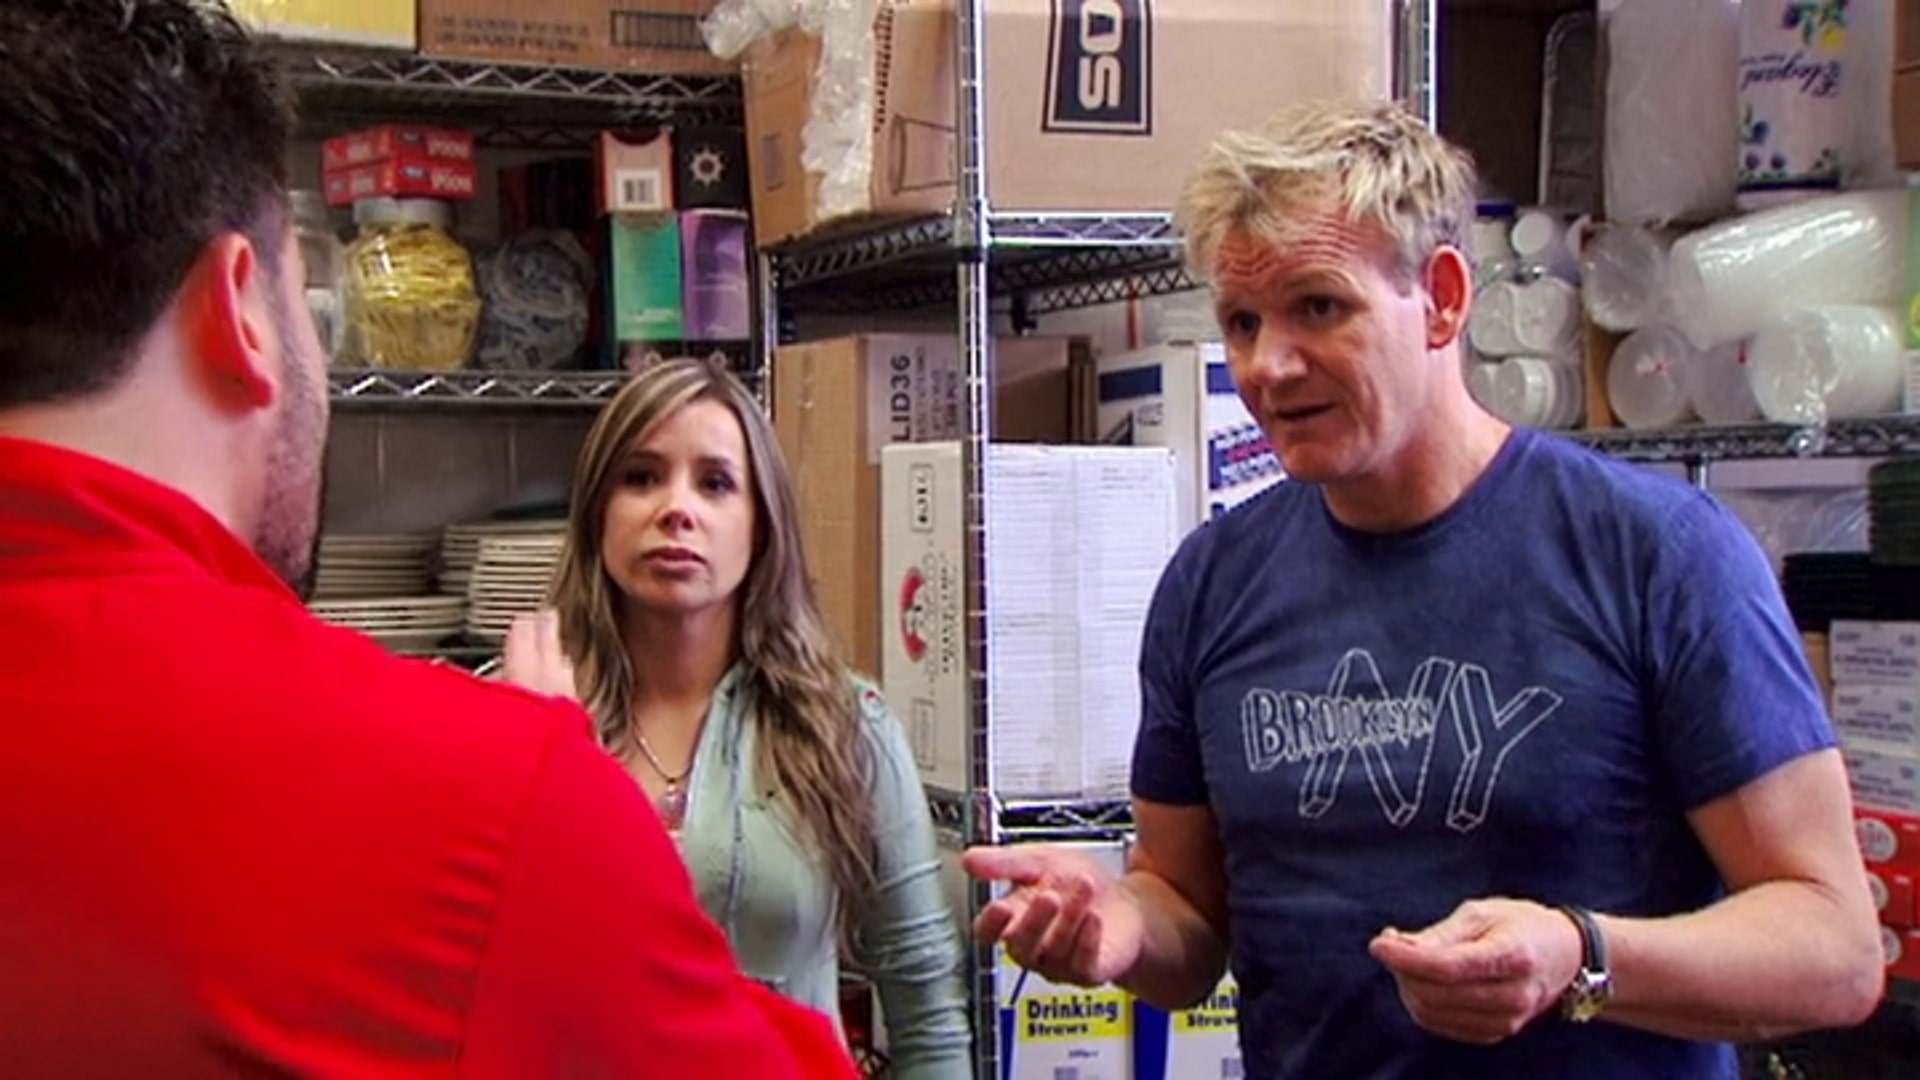 Kitchen Nightmares Season 1 Episode 11 Watch Online